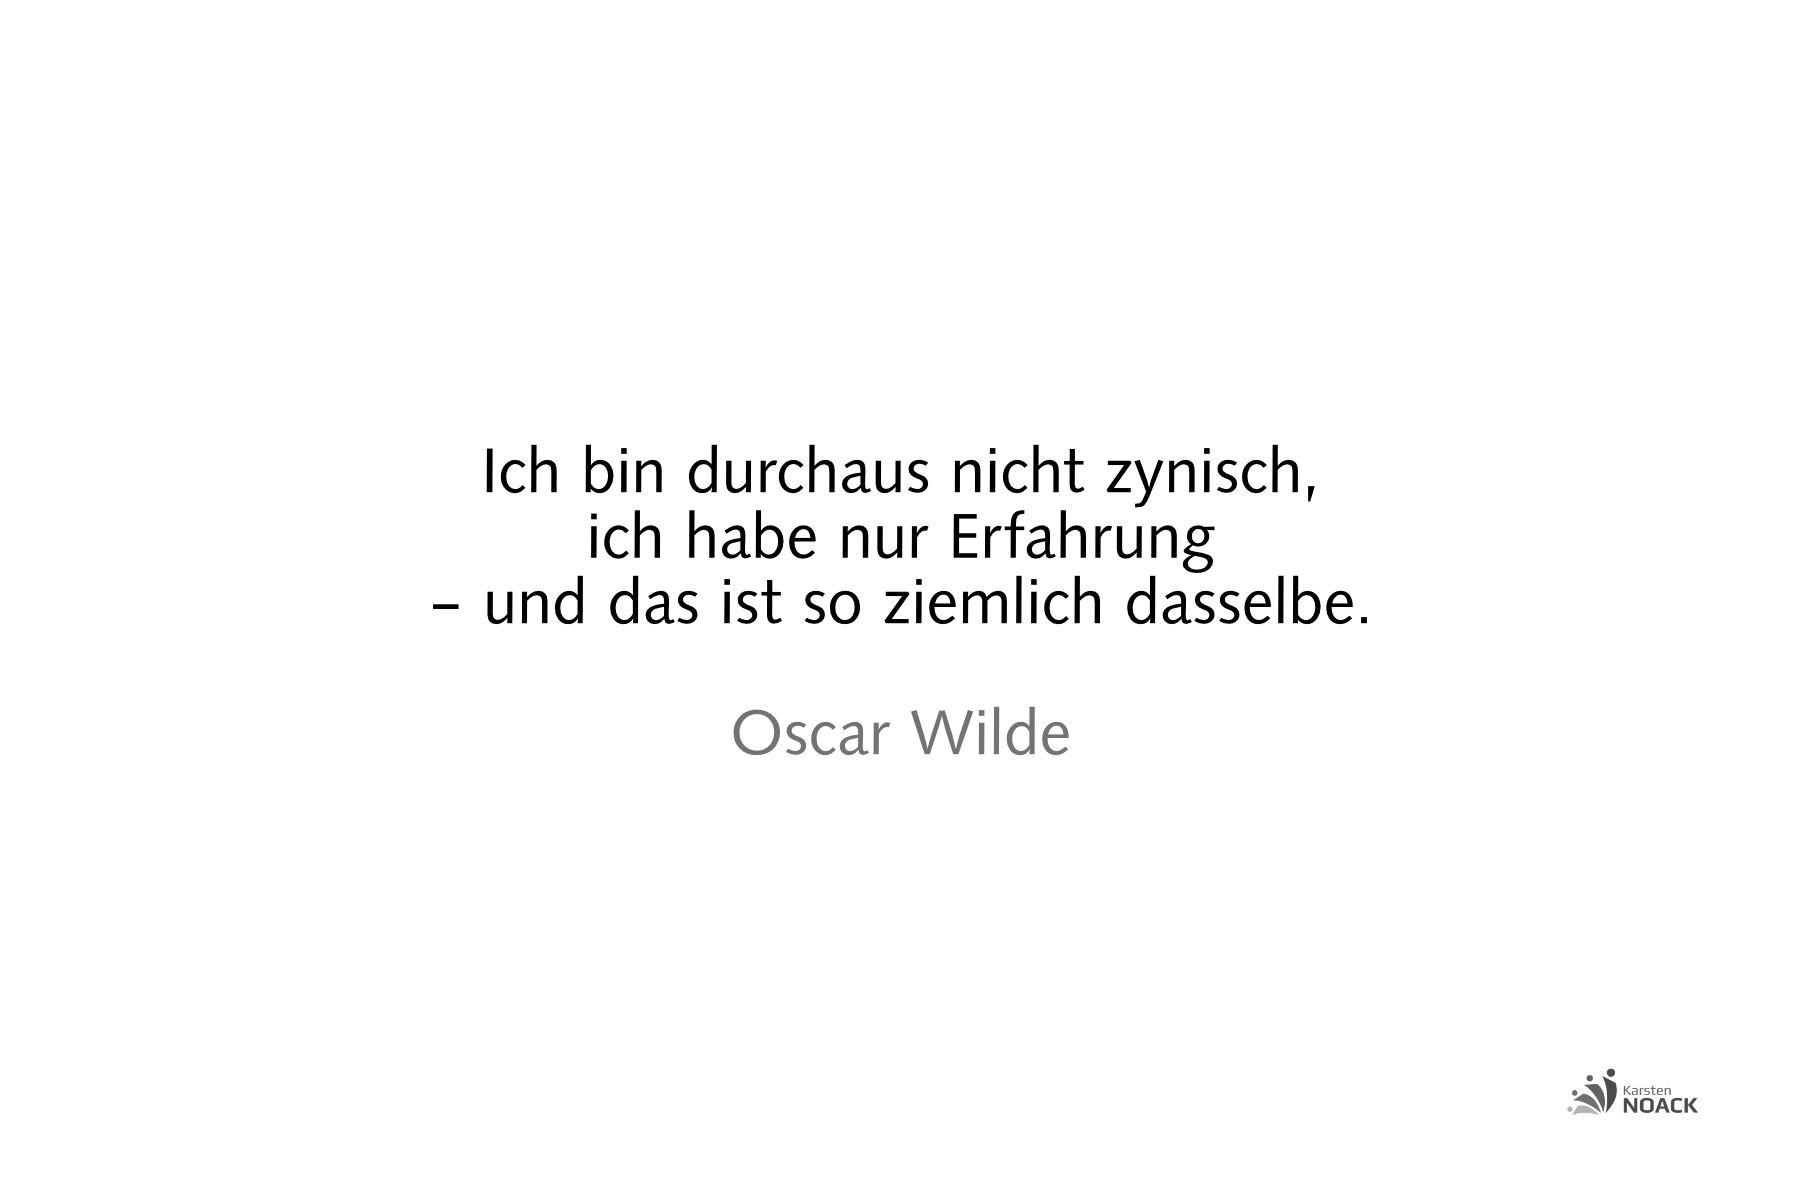 Ich bin durchaus nicht zynisch, ich habe nur Erfahrung – und das ist so ziemlich dasselbe. Oscar Wilde